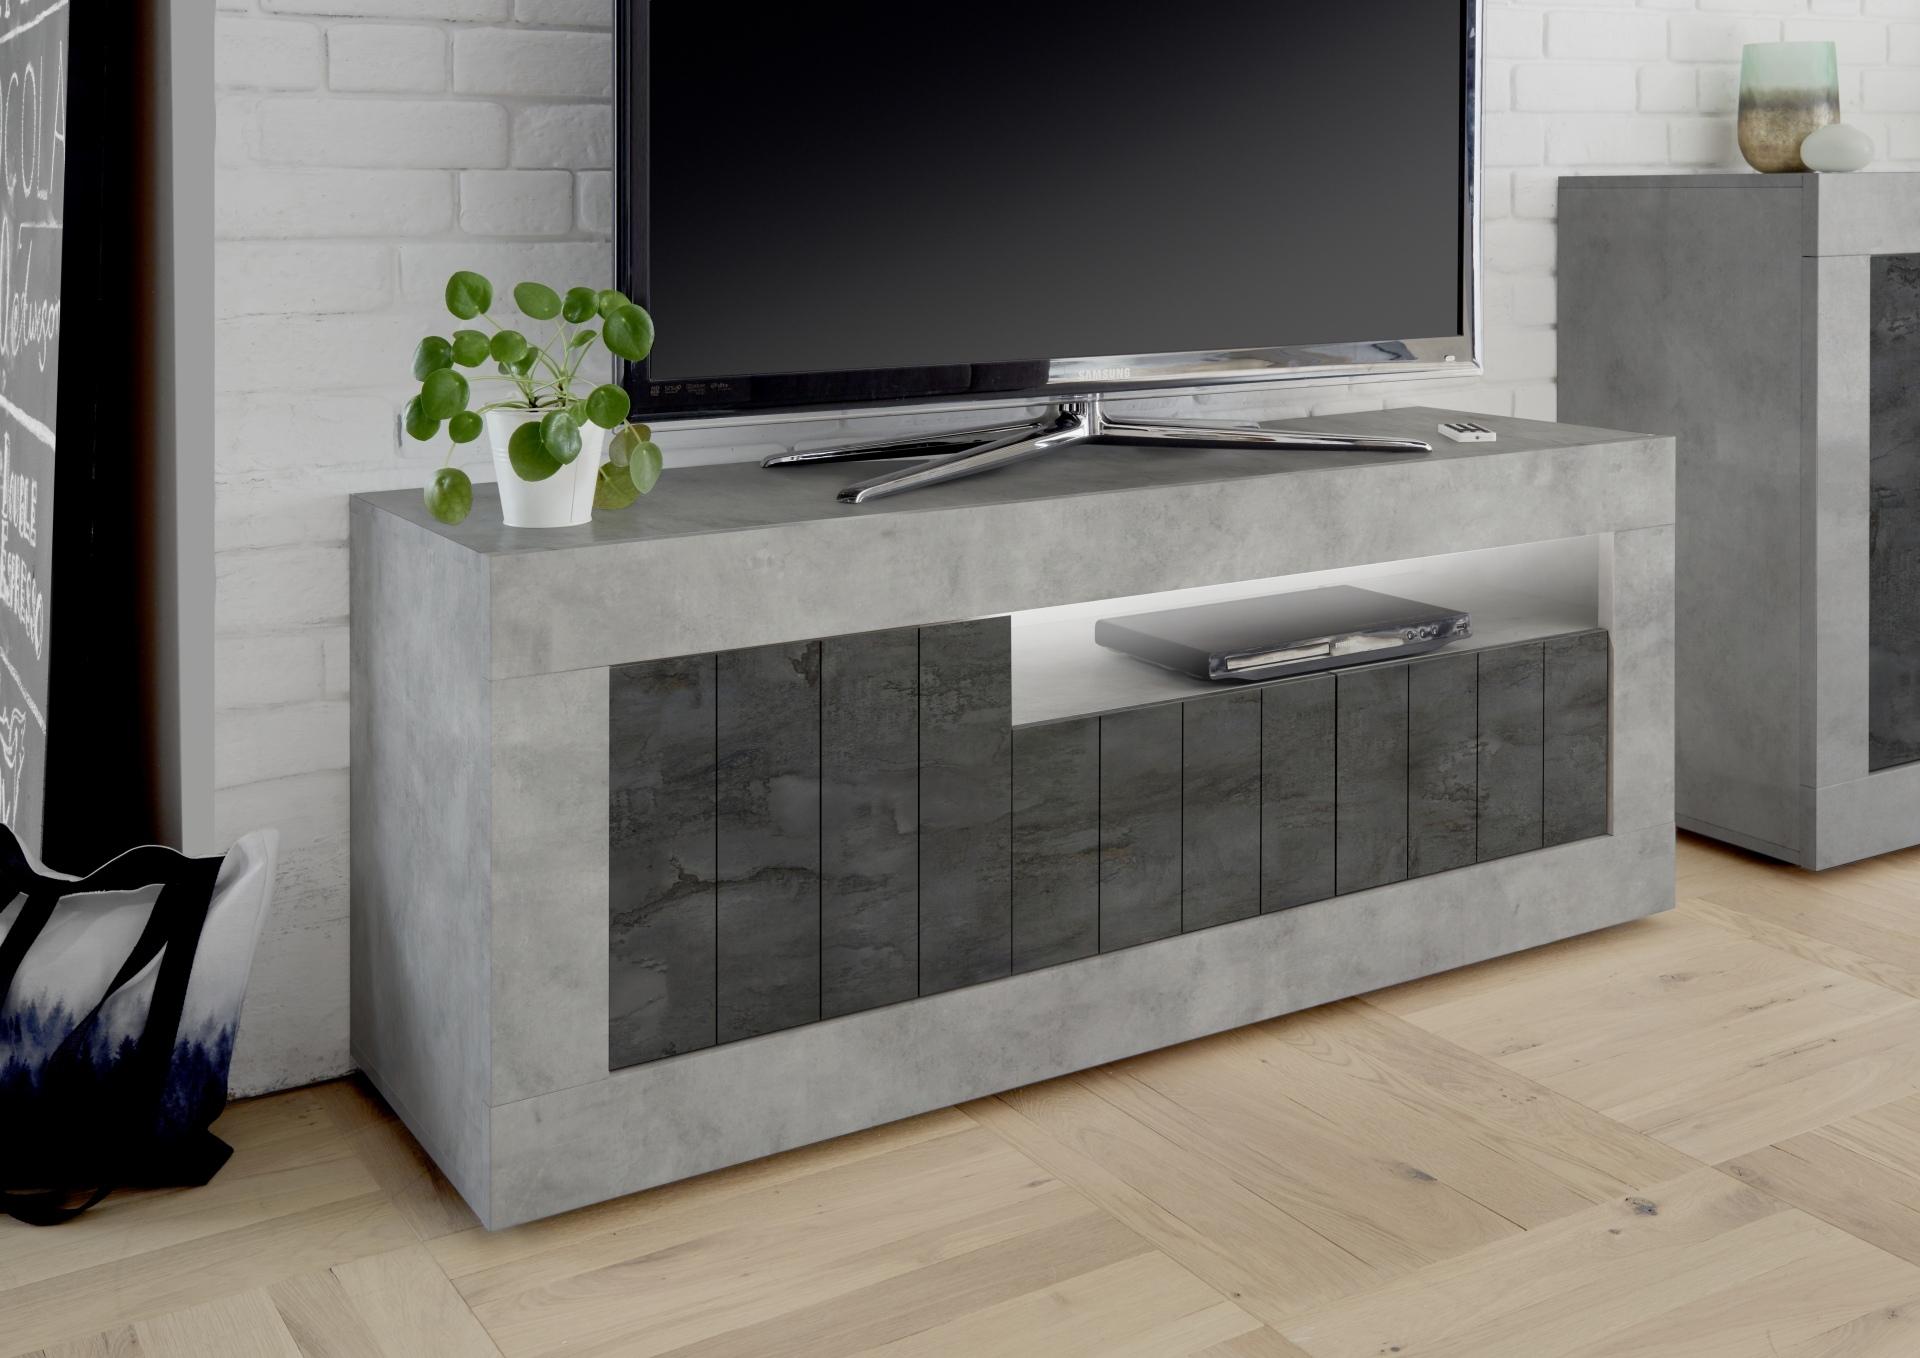 Tv-meubel Urbino 138 cm breed in grijs beton met oxid